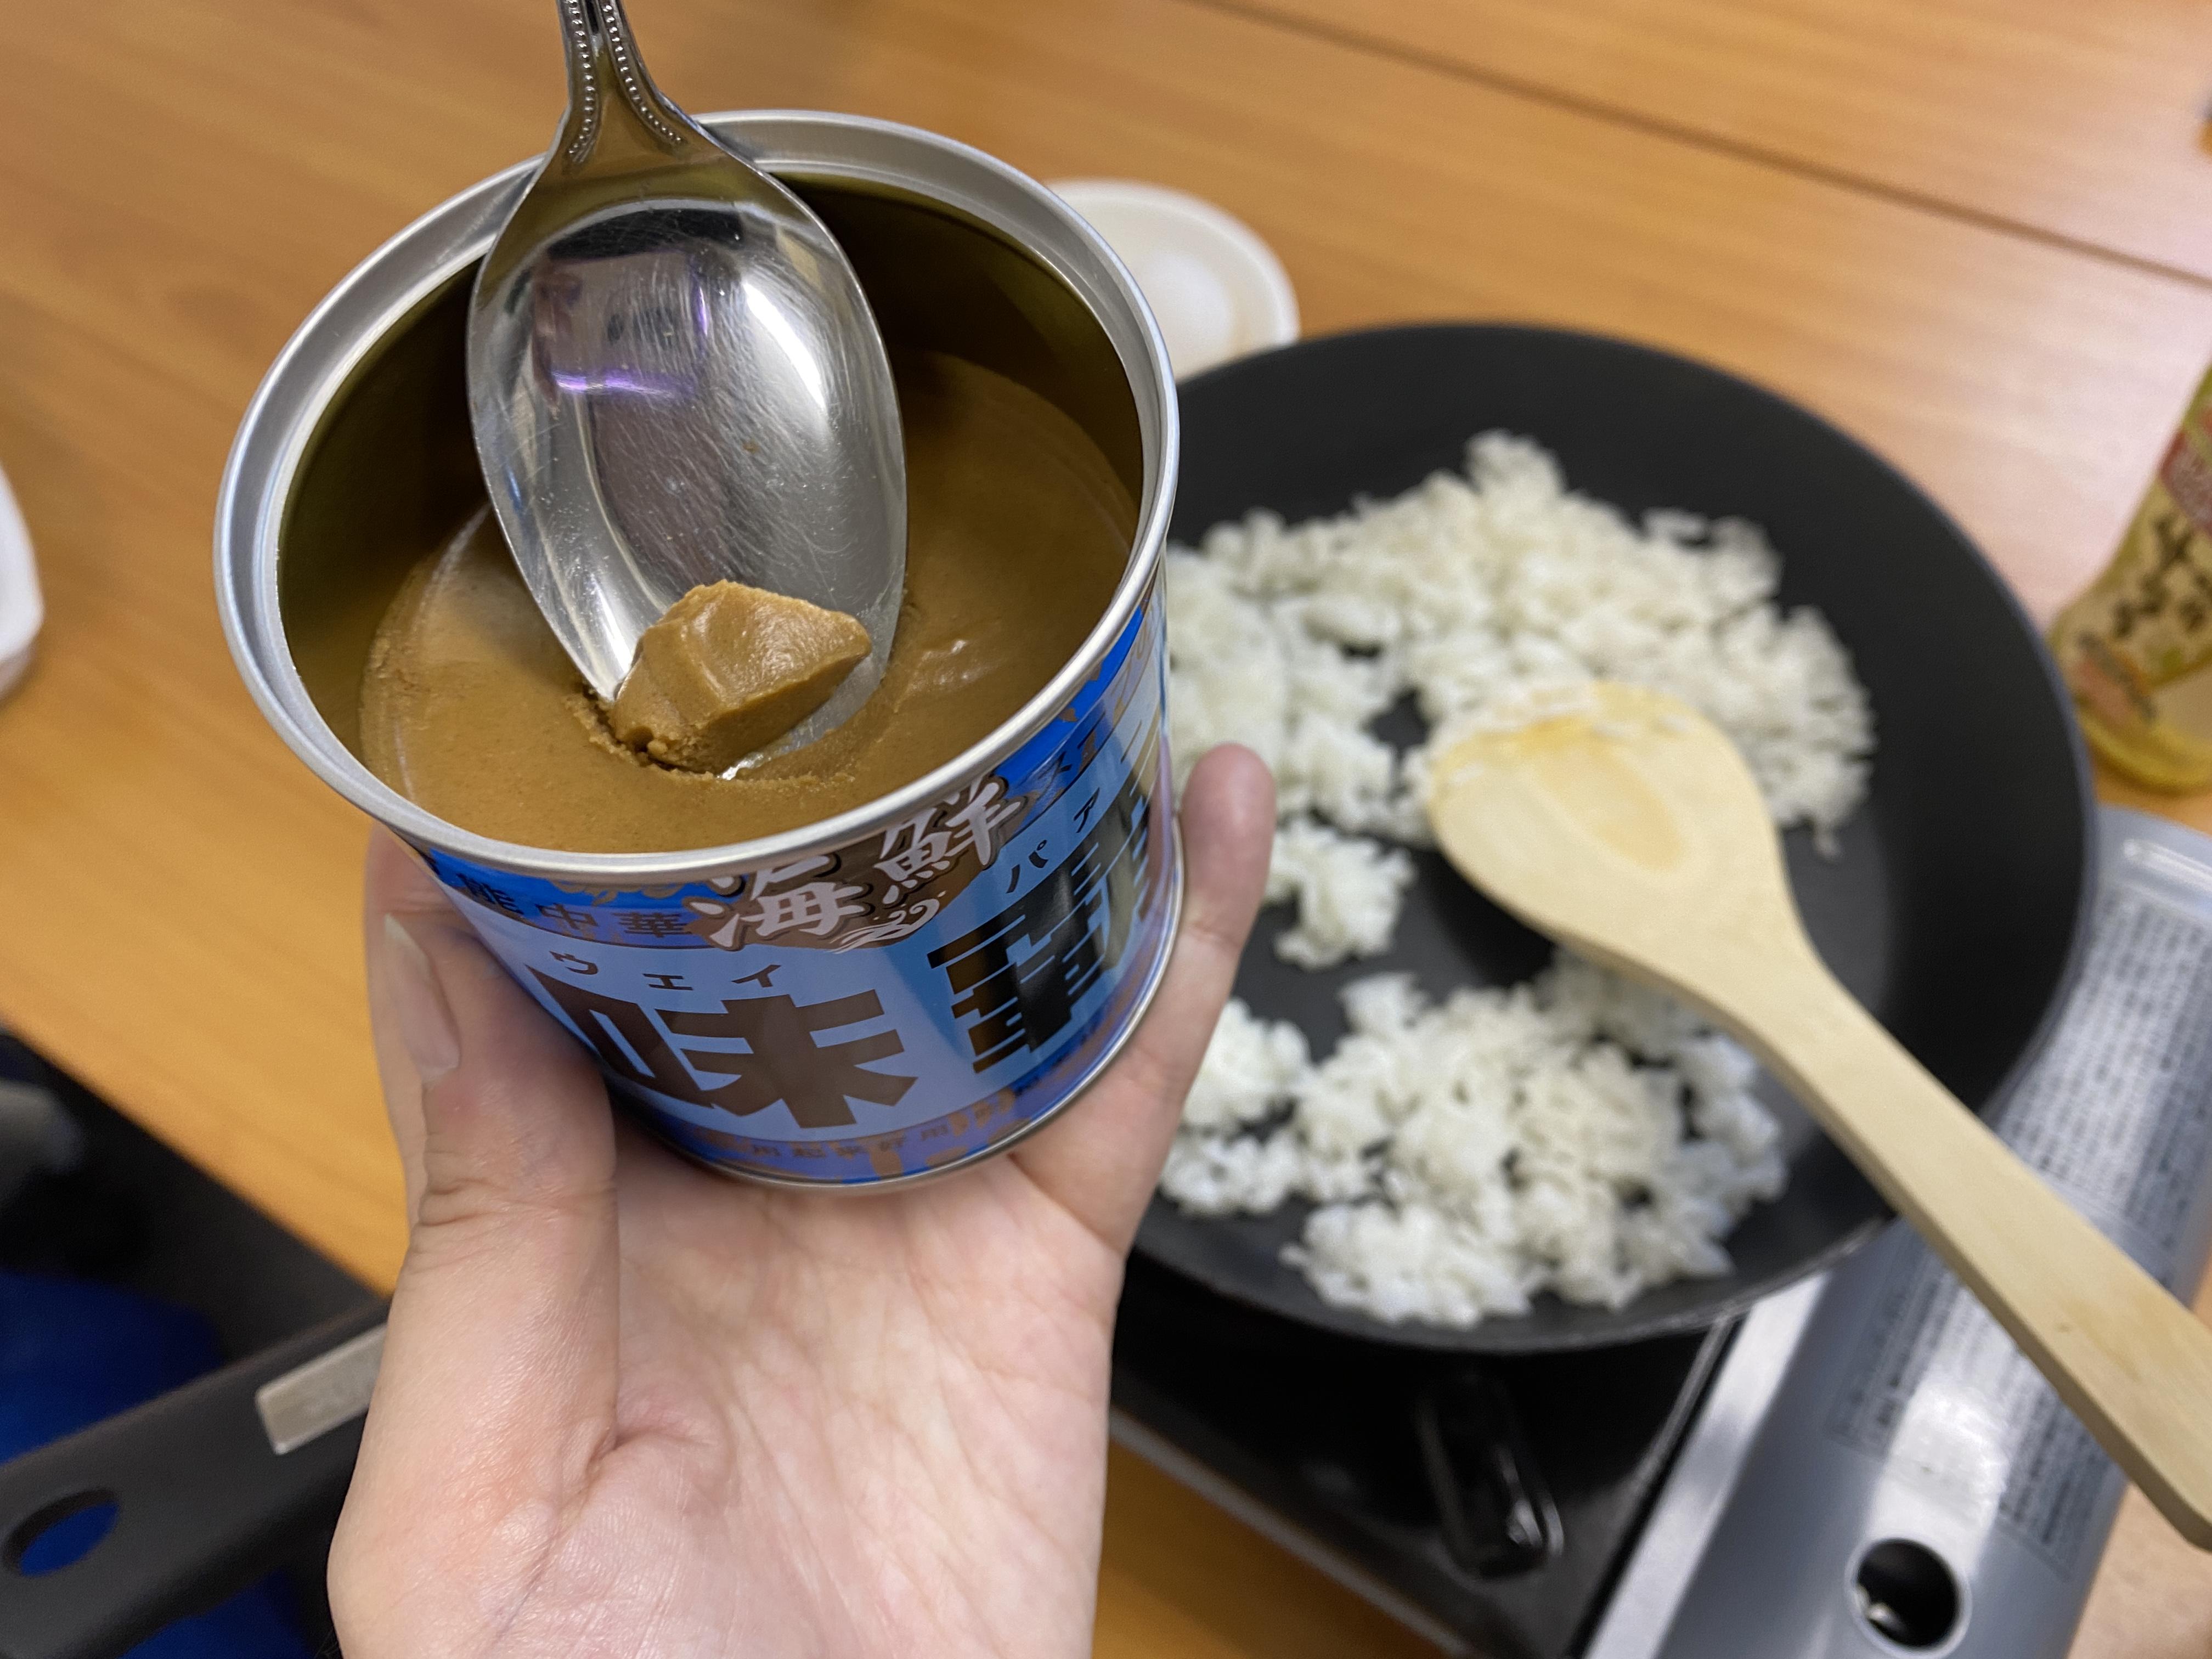 中華 スープ ウェイパー